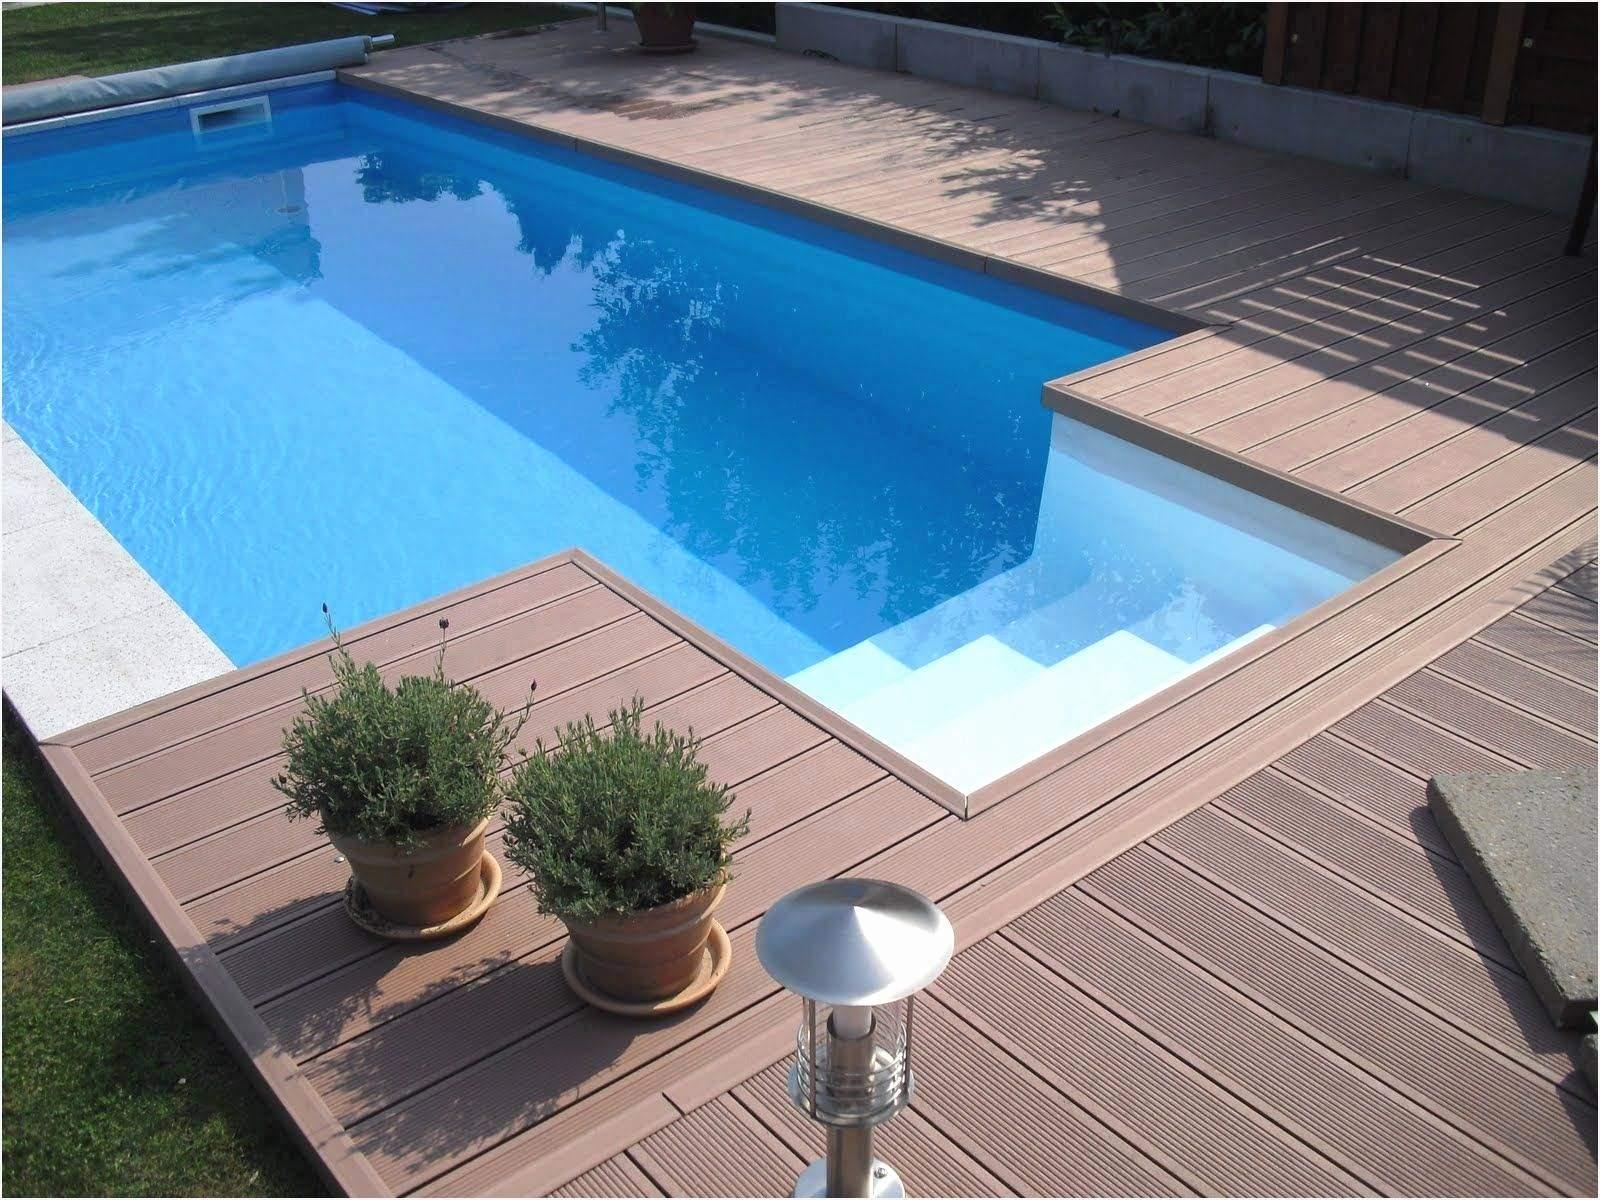 kleinen pool selber bauen einzigartig kleinen pool selber bauen kreativitat wunderbar pool garten selber of kleinen pool selber bauen